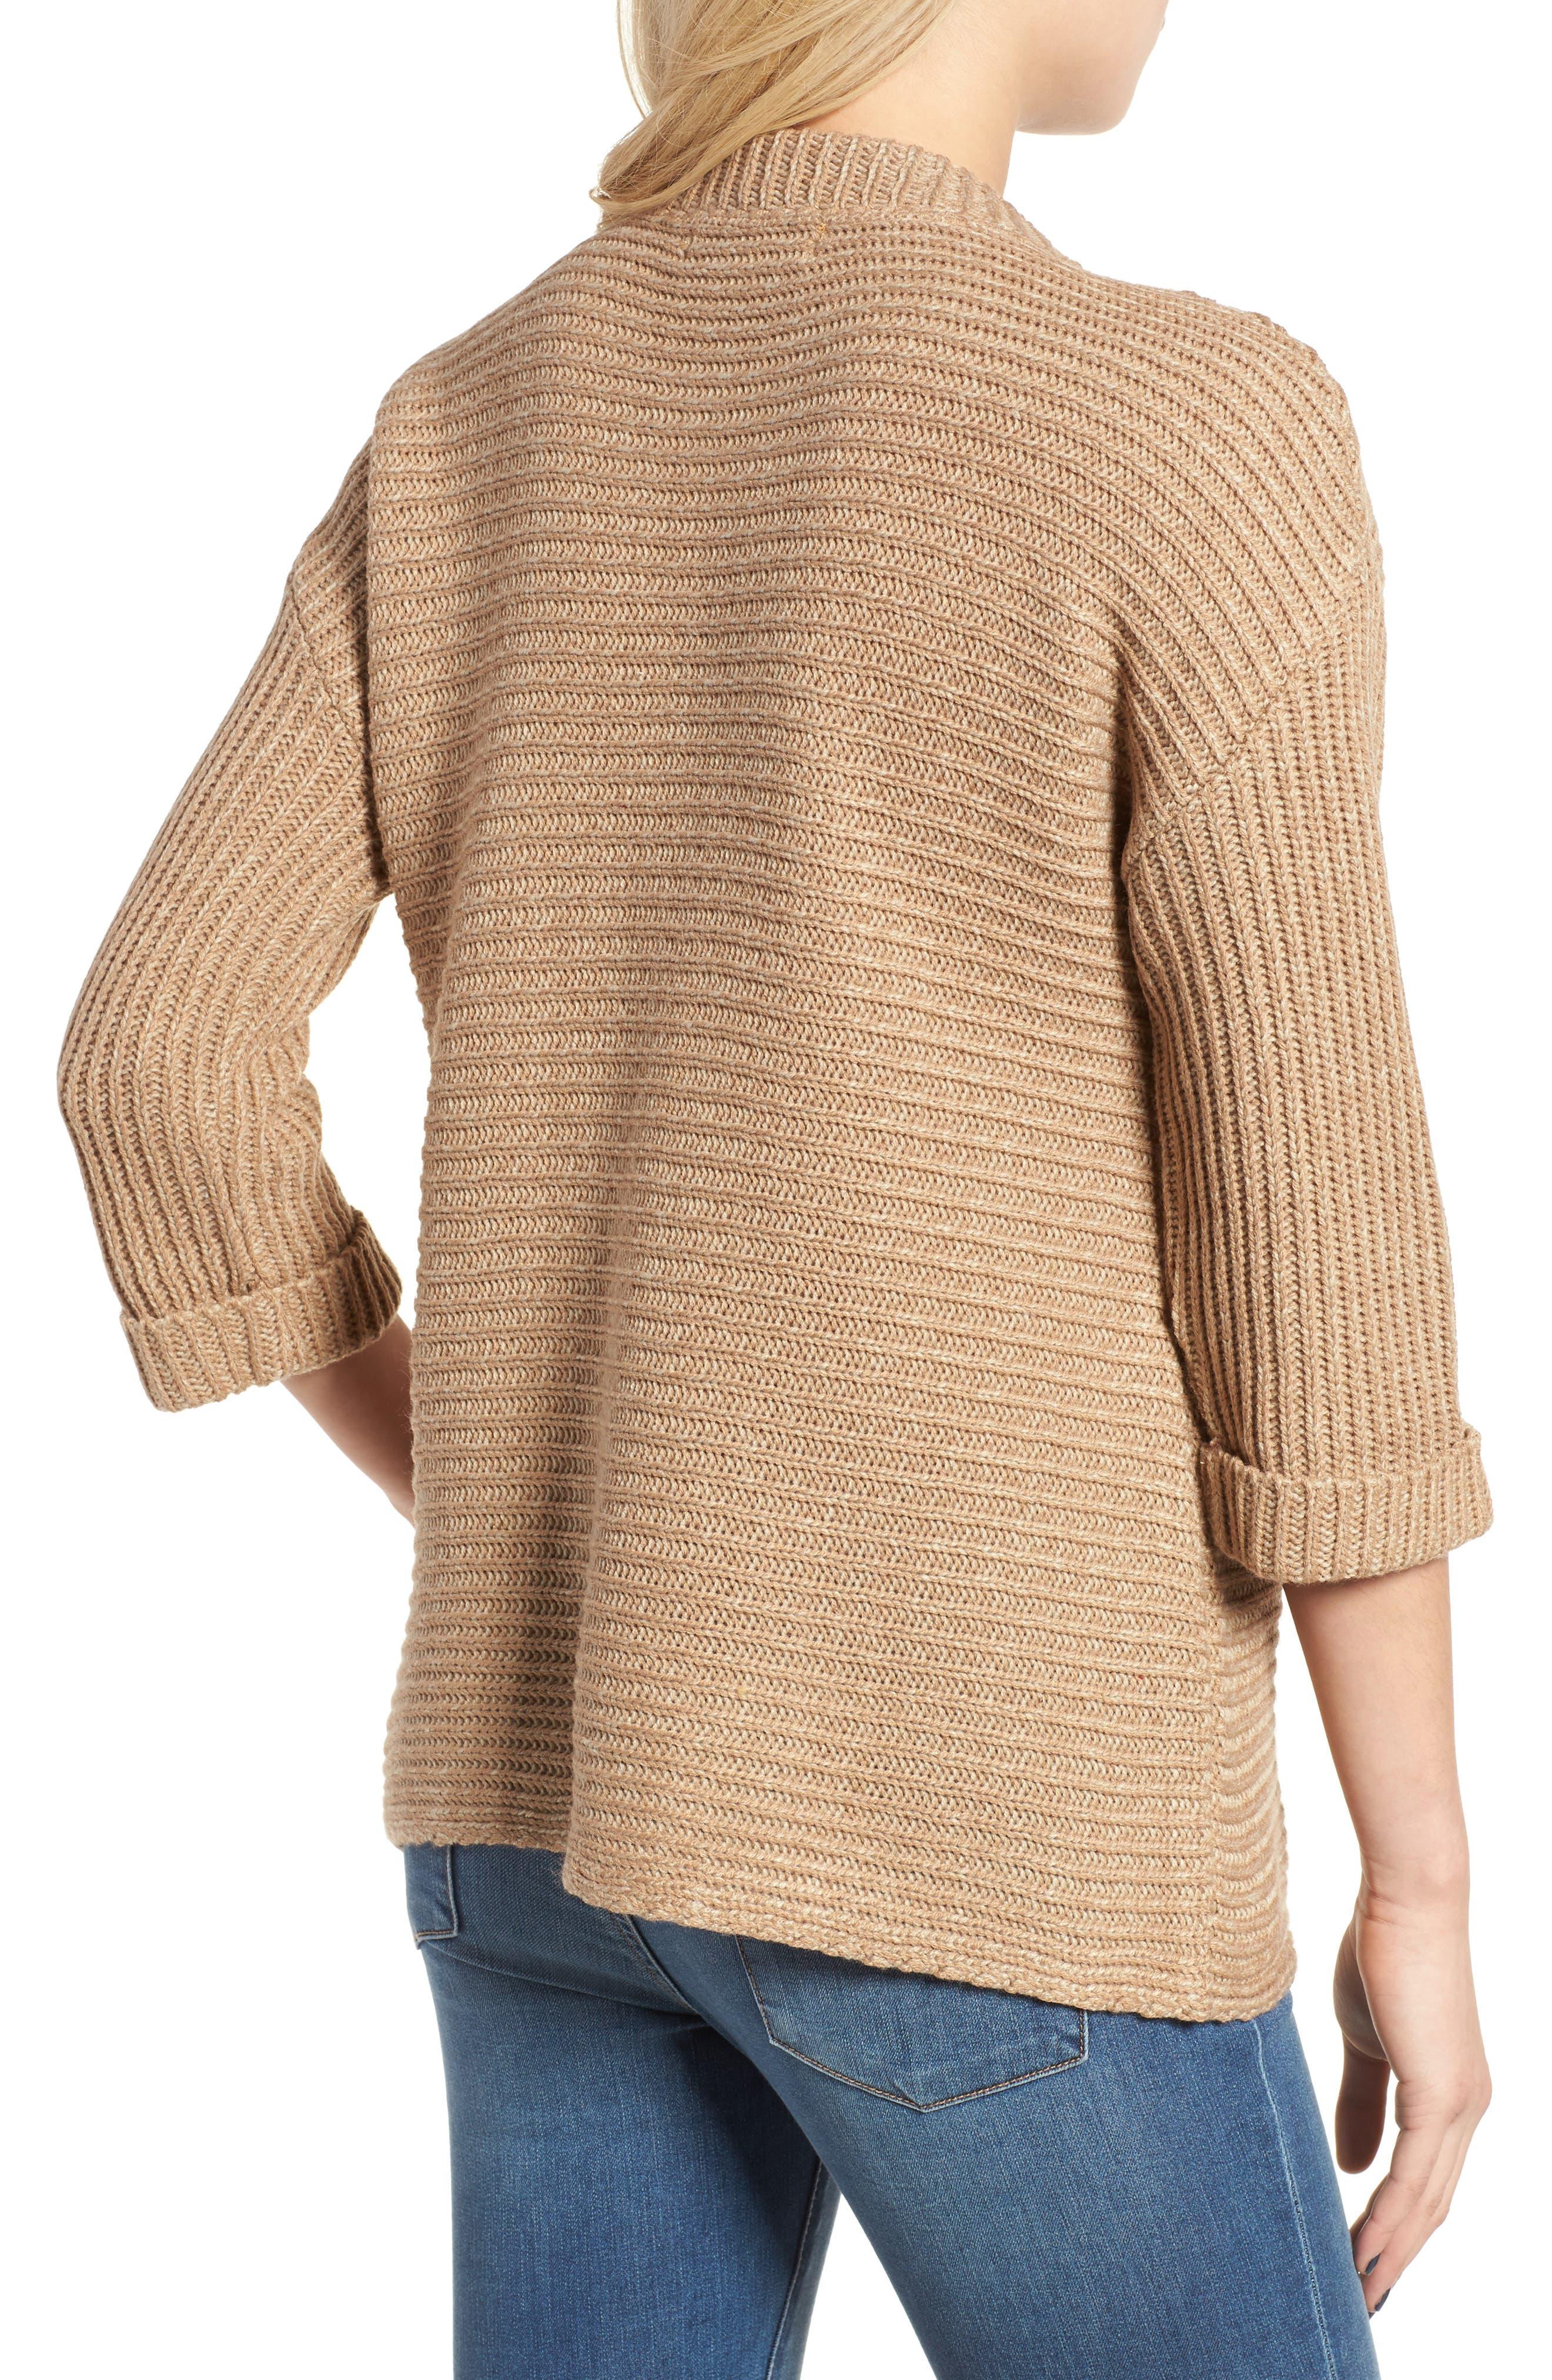 Alternate Image 2  - Cotton Emporium Texture Knit Pullover